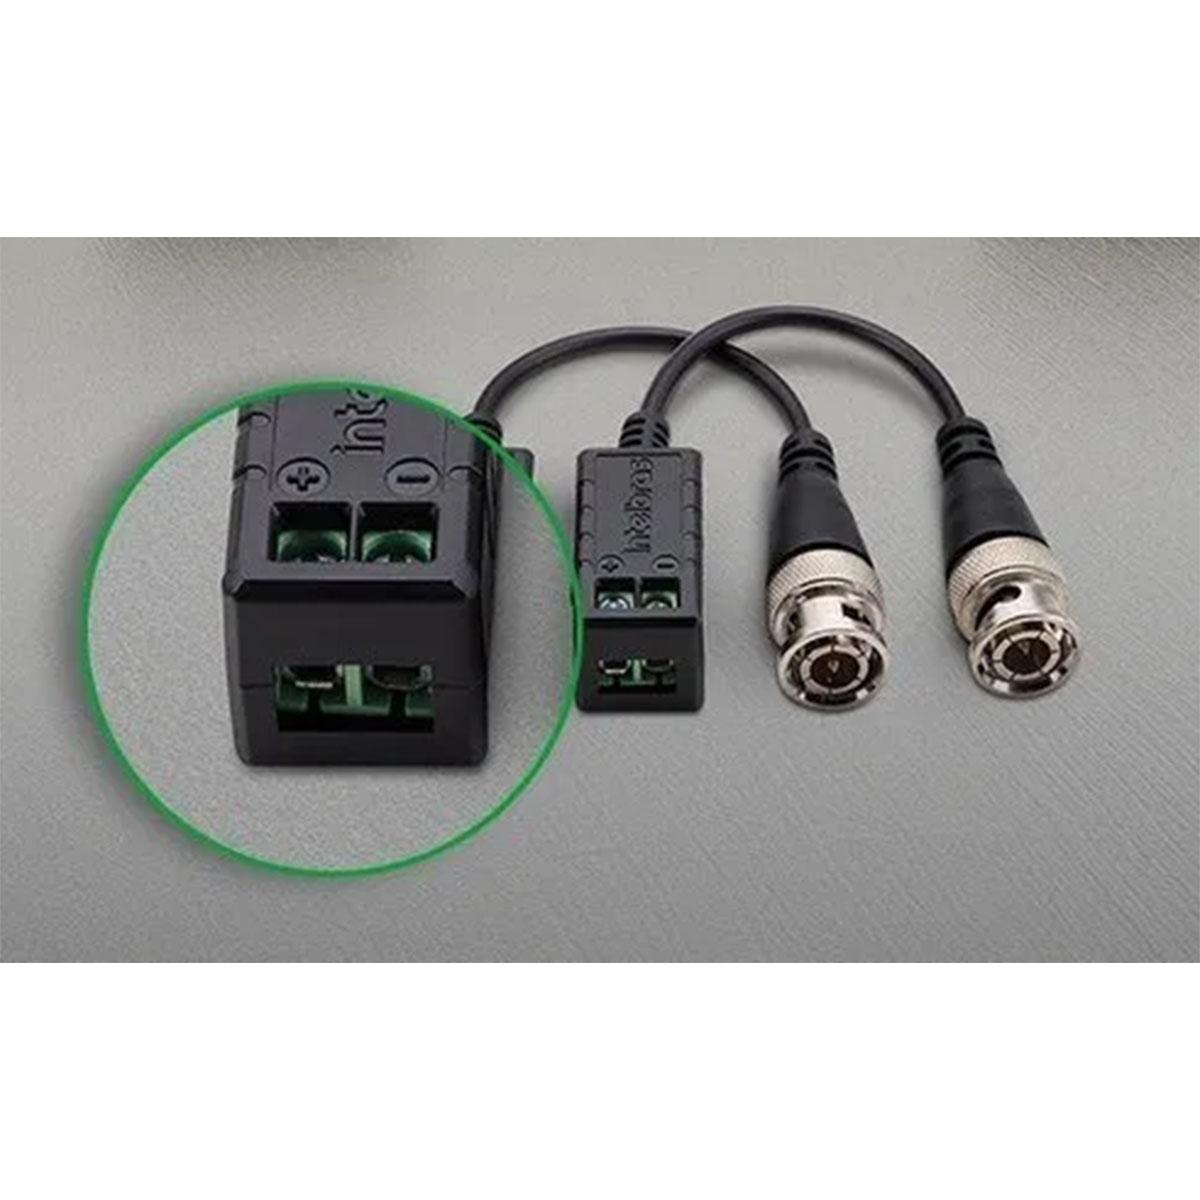 Kit 09 Conversor Balun Intelbras Vb 501p